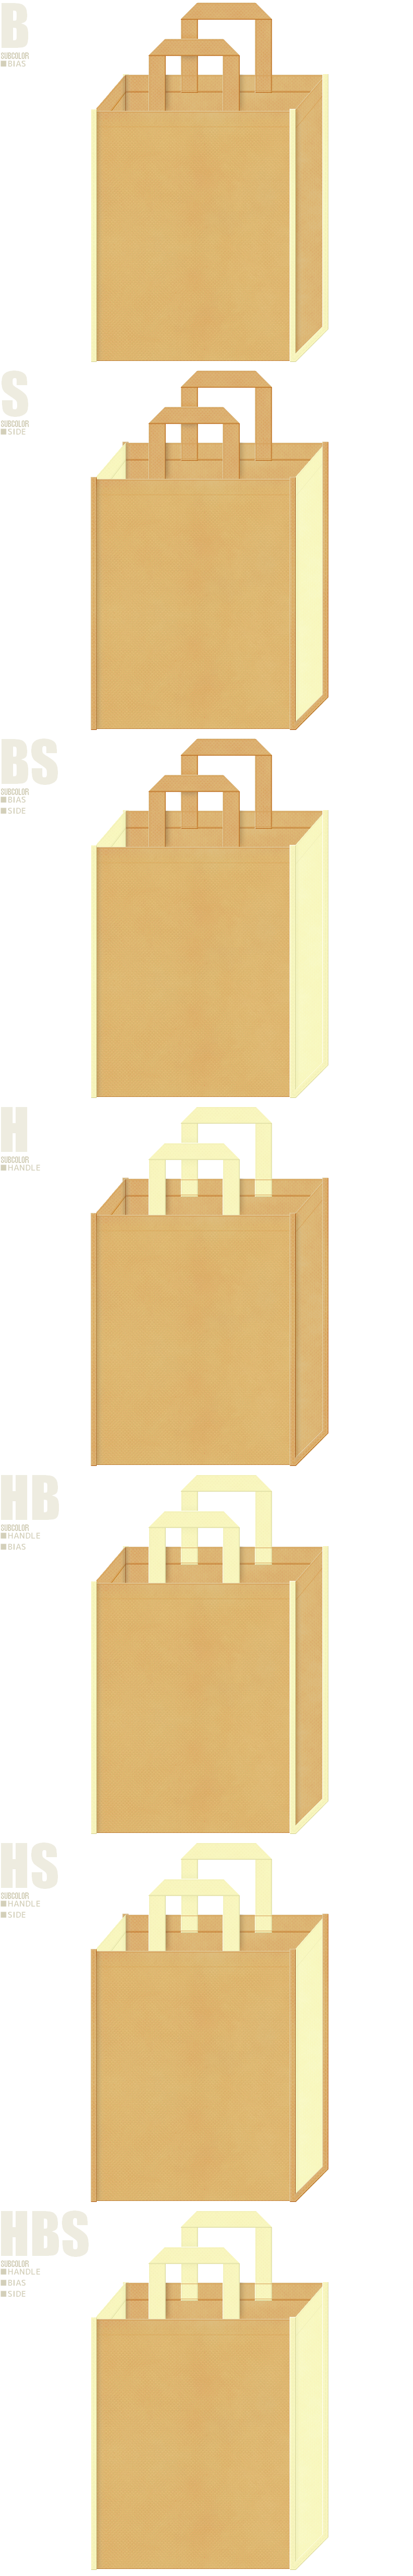 スイーツ調理器具の展示会用バッグにお奨めの、薄黄土色と薄黄色、7パターンの不織布トートバッグ配色デザイン例。バナナクレープ・たいやき風